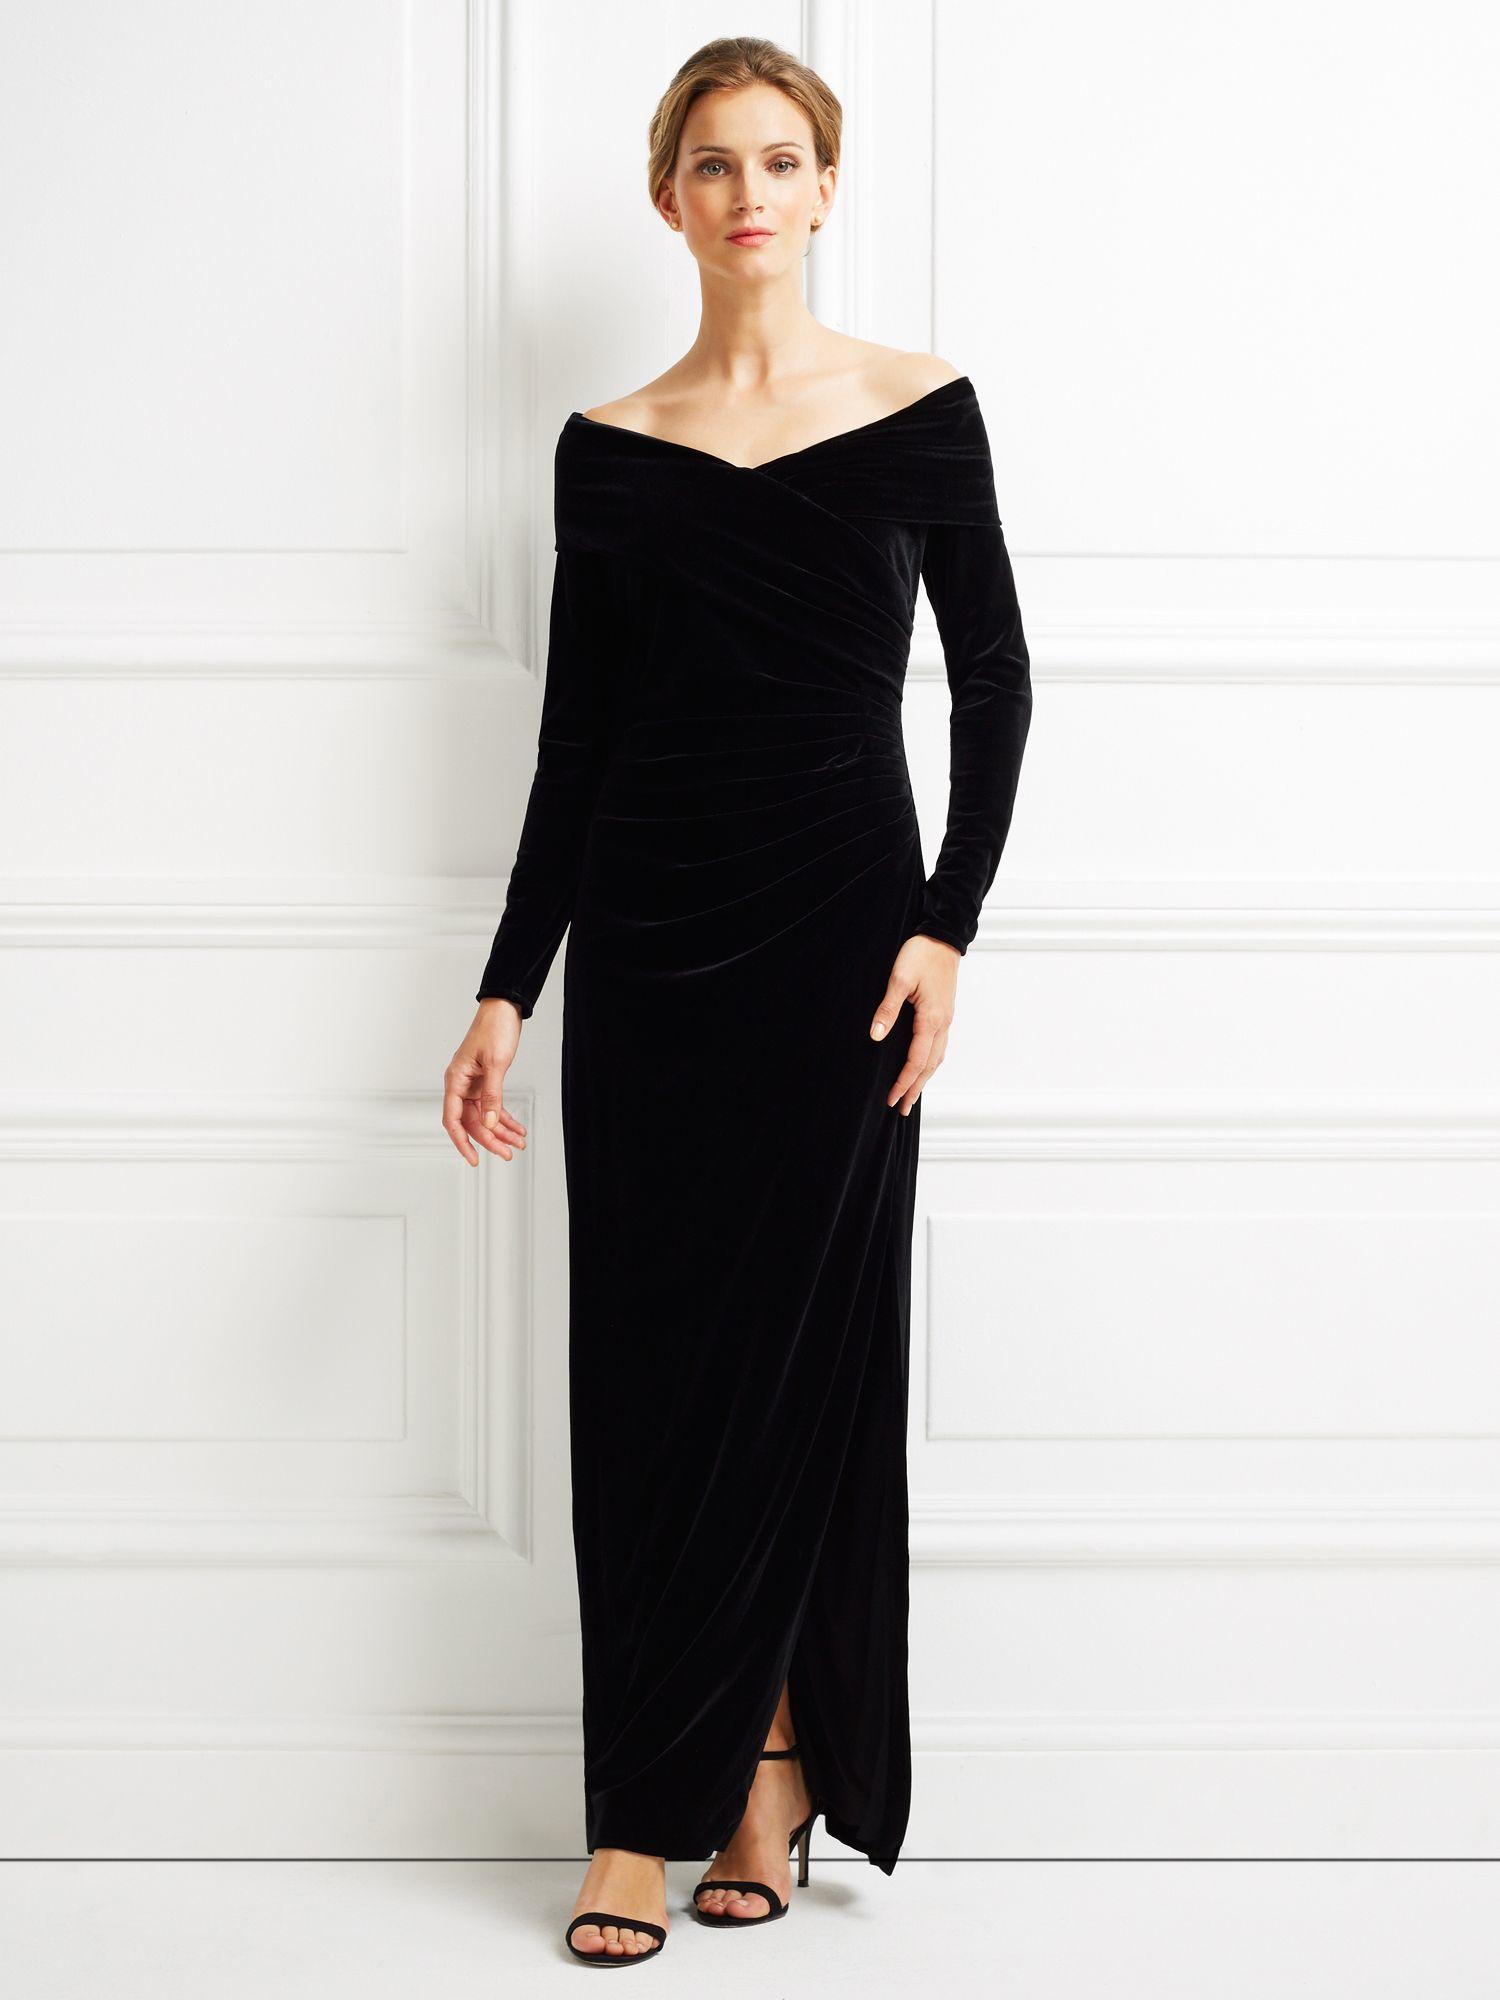 Black Velvet Long Dress Dress Ideas